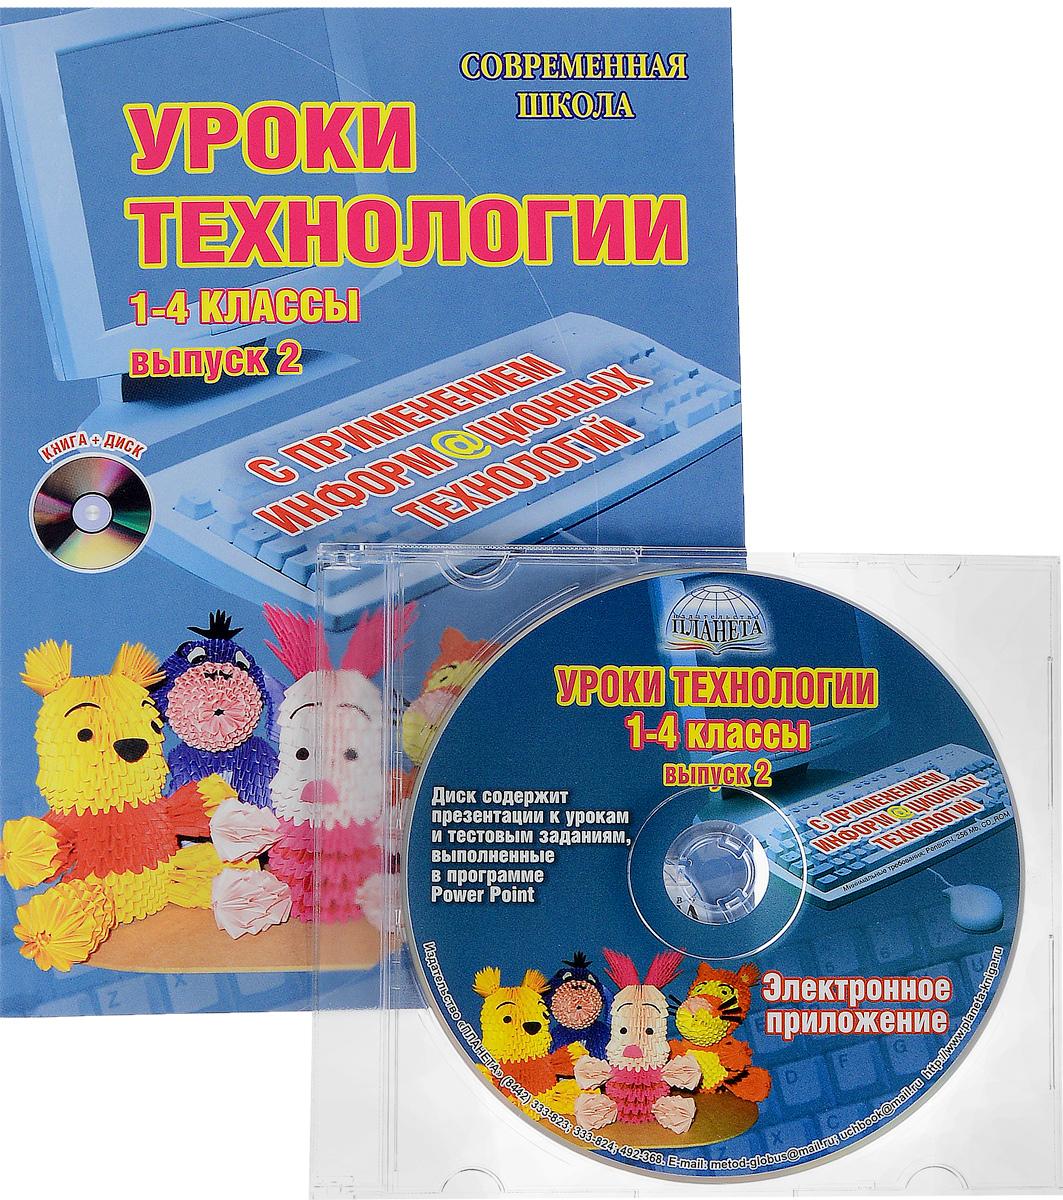 Уроки технологии с применением информационных технологий. 1-4 классы. Выпуск 2 (+ CD)